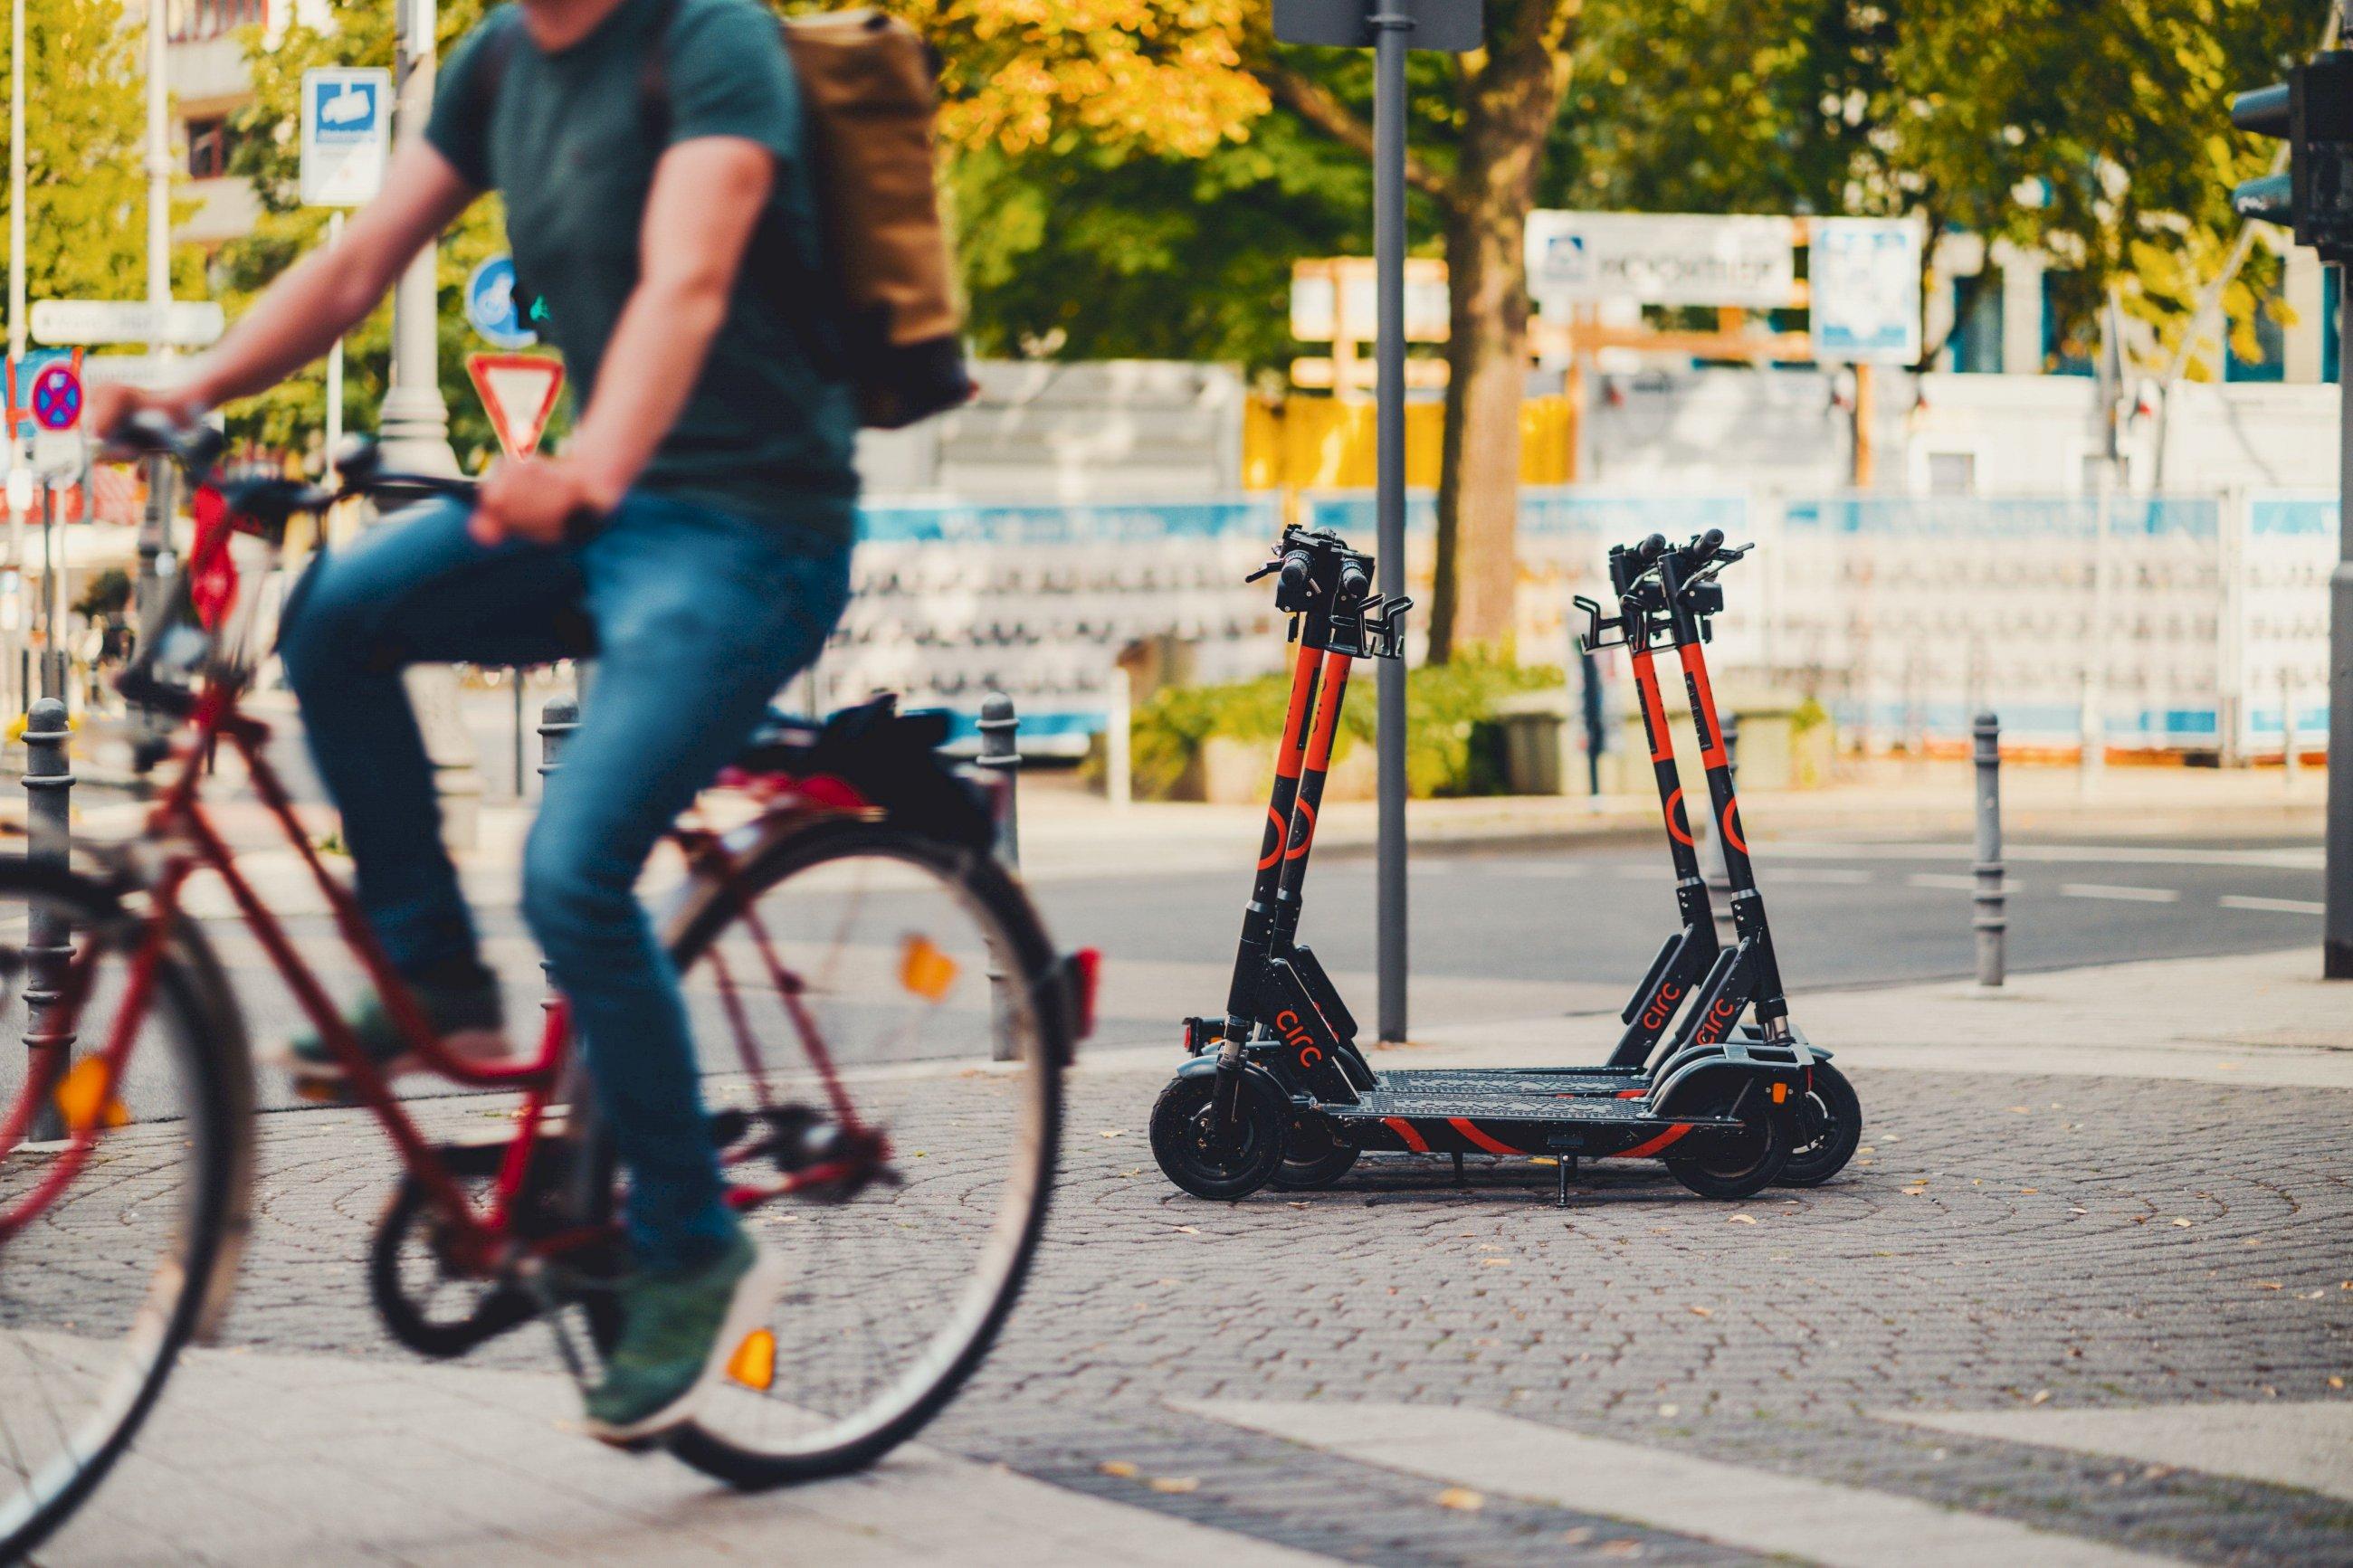 La desescalada dispara la demanda de bicis y patinetes eléctricos